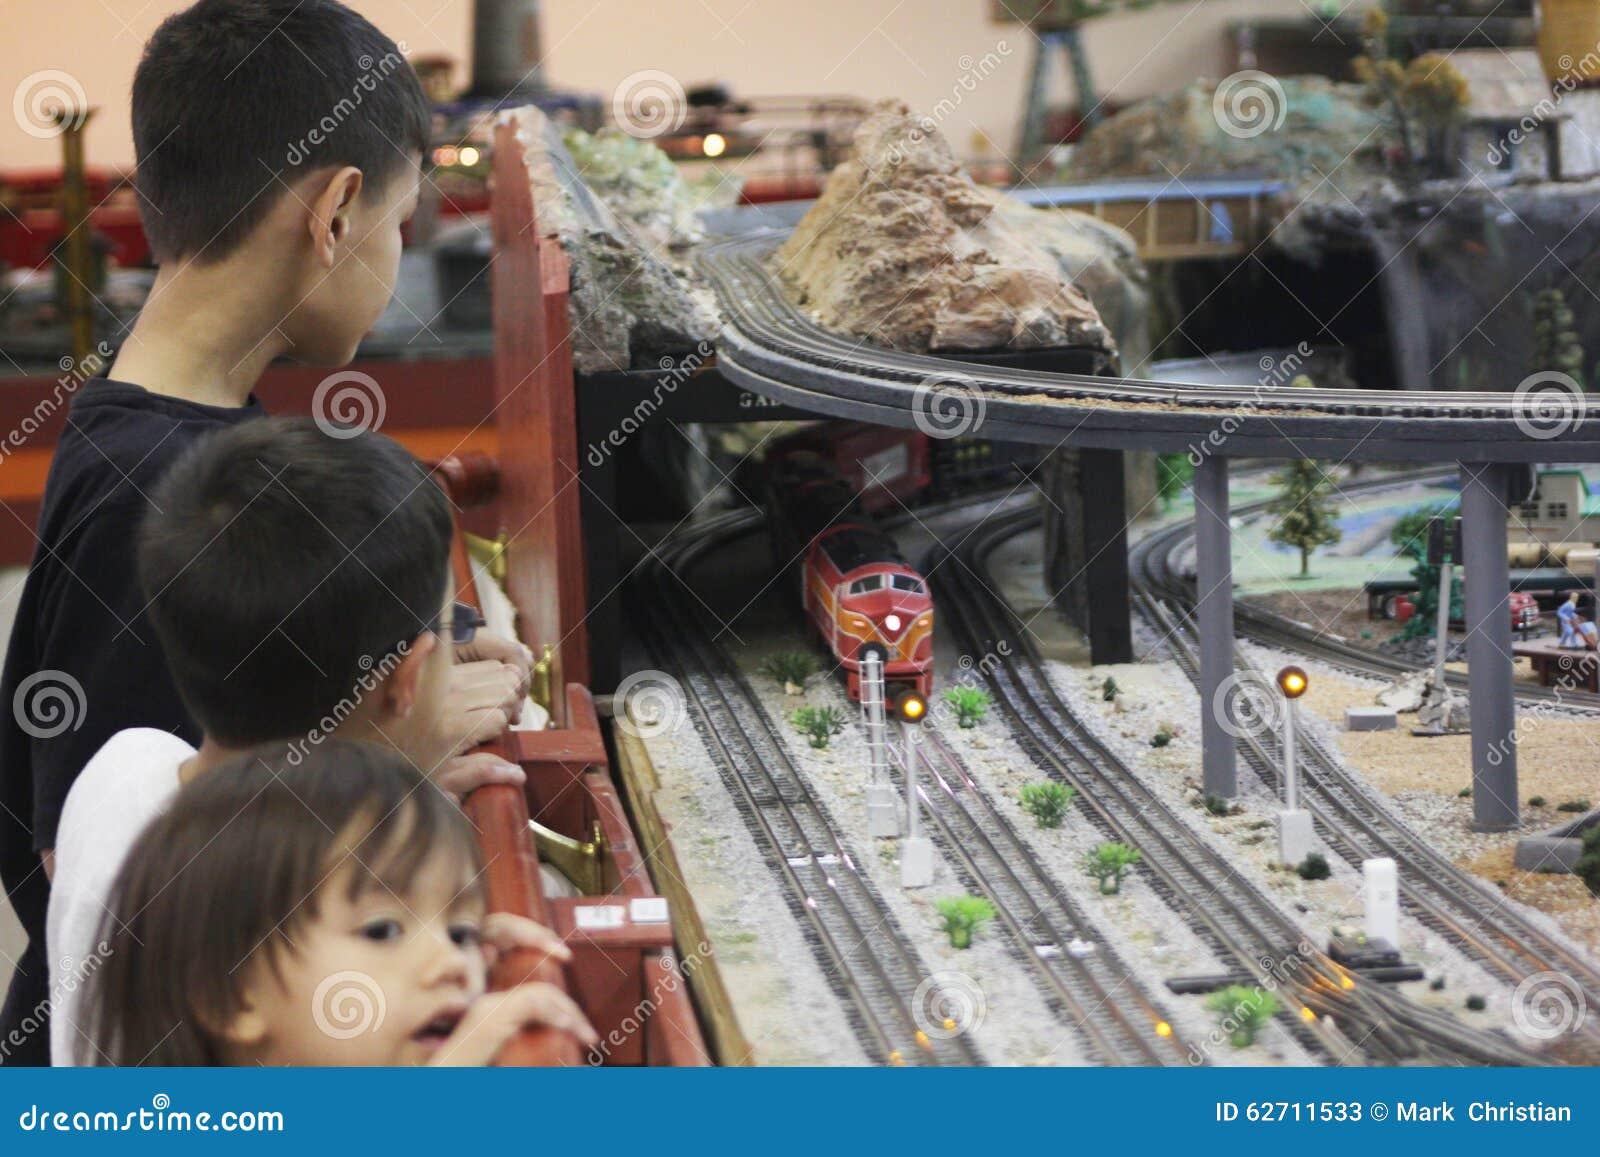 Τα παιδιά απολαμβάνουν τα πρότυπα τραίνα